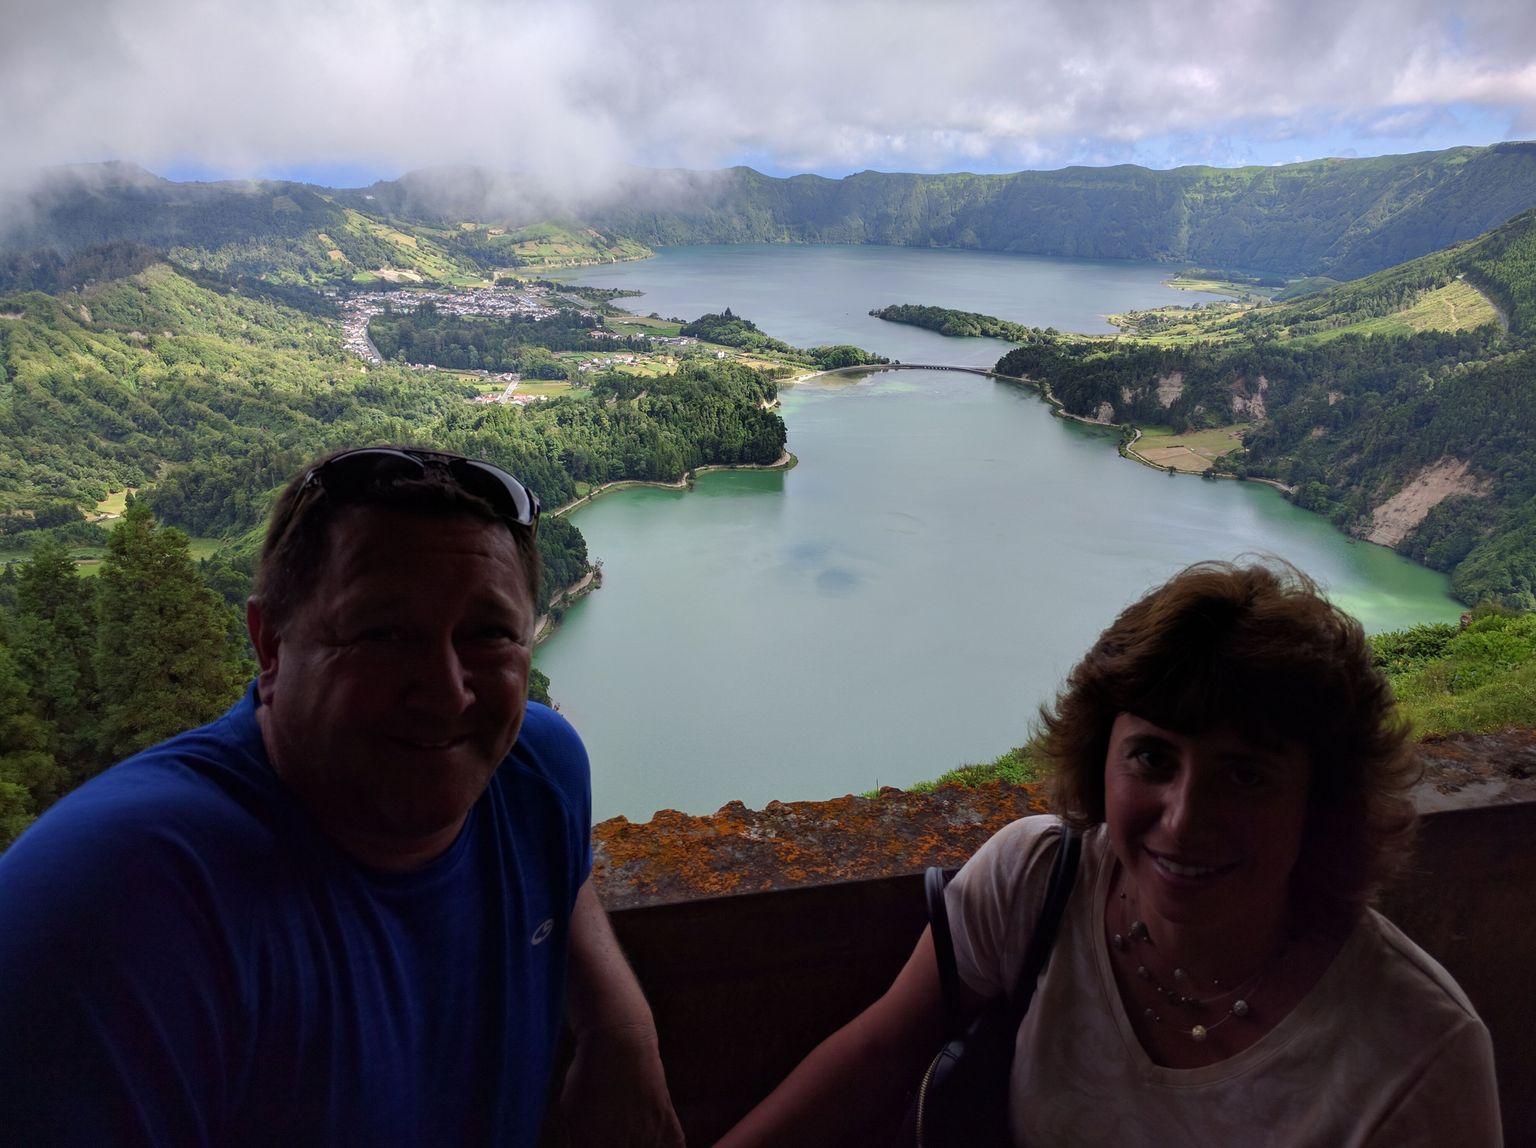 MÁS FOTOS, Recorrido de día completo por el oeste de São Miguel con las Setes Cidades y almuerzo incluido